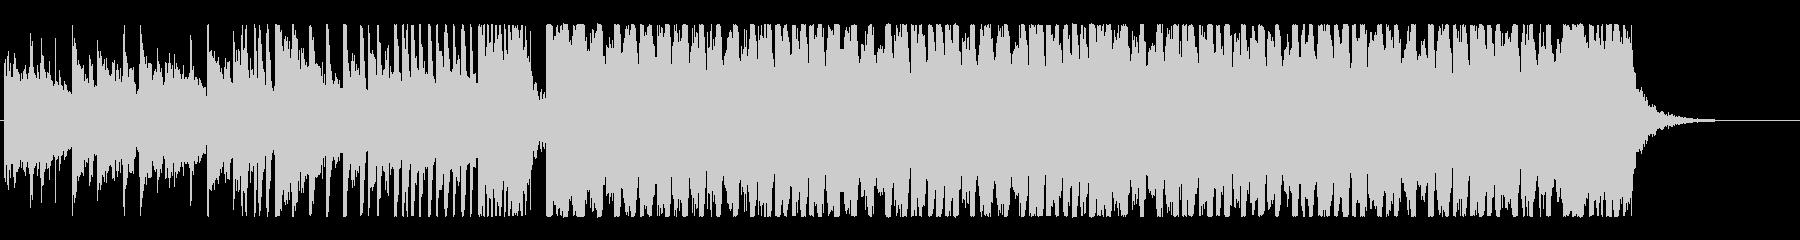 ポップで明るい、アップビートEDM!の未再生の波形